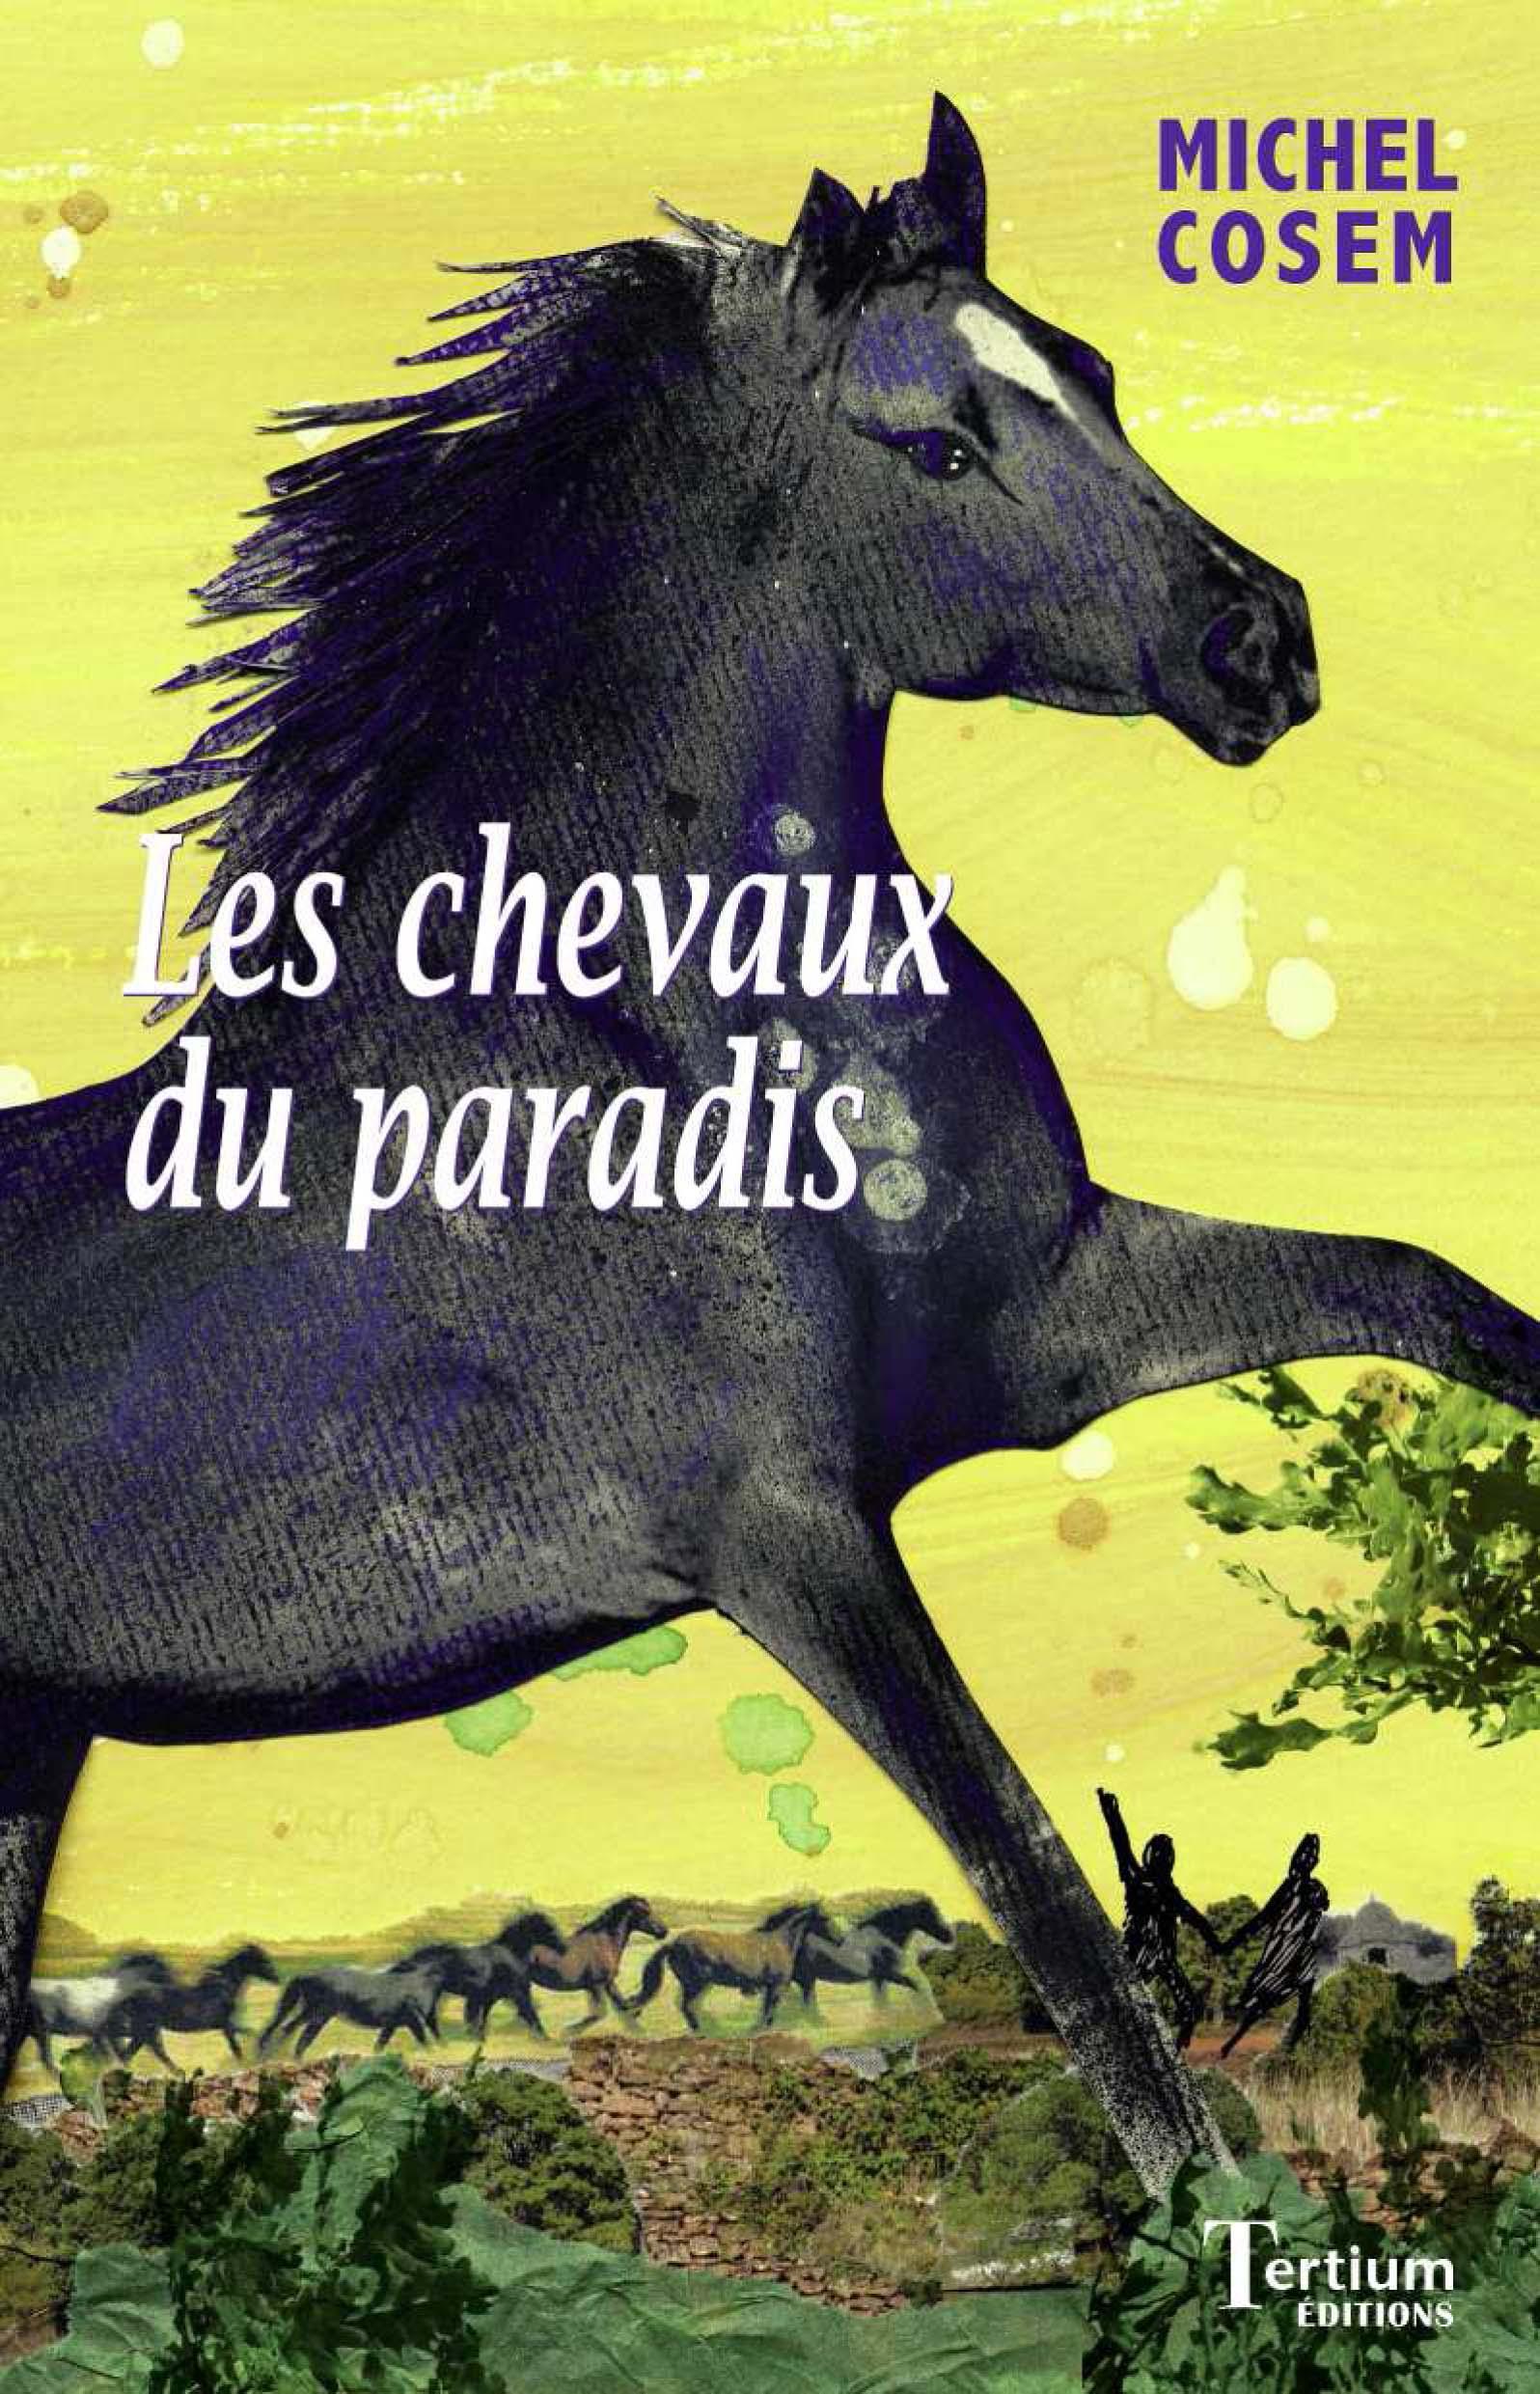 Les chevaux du paradis